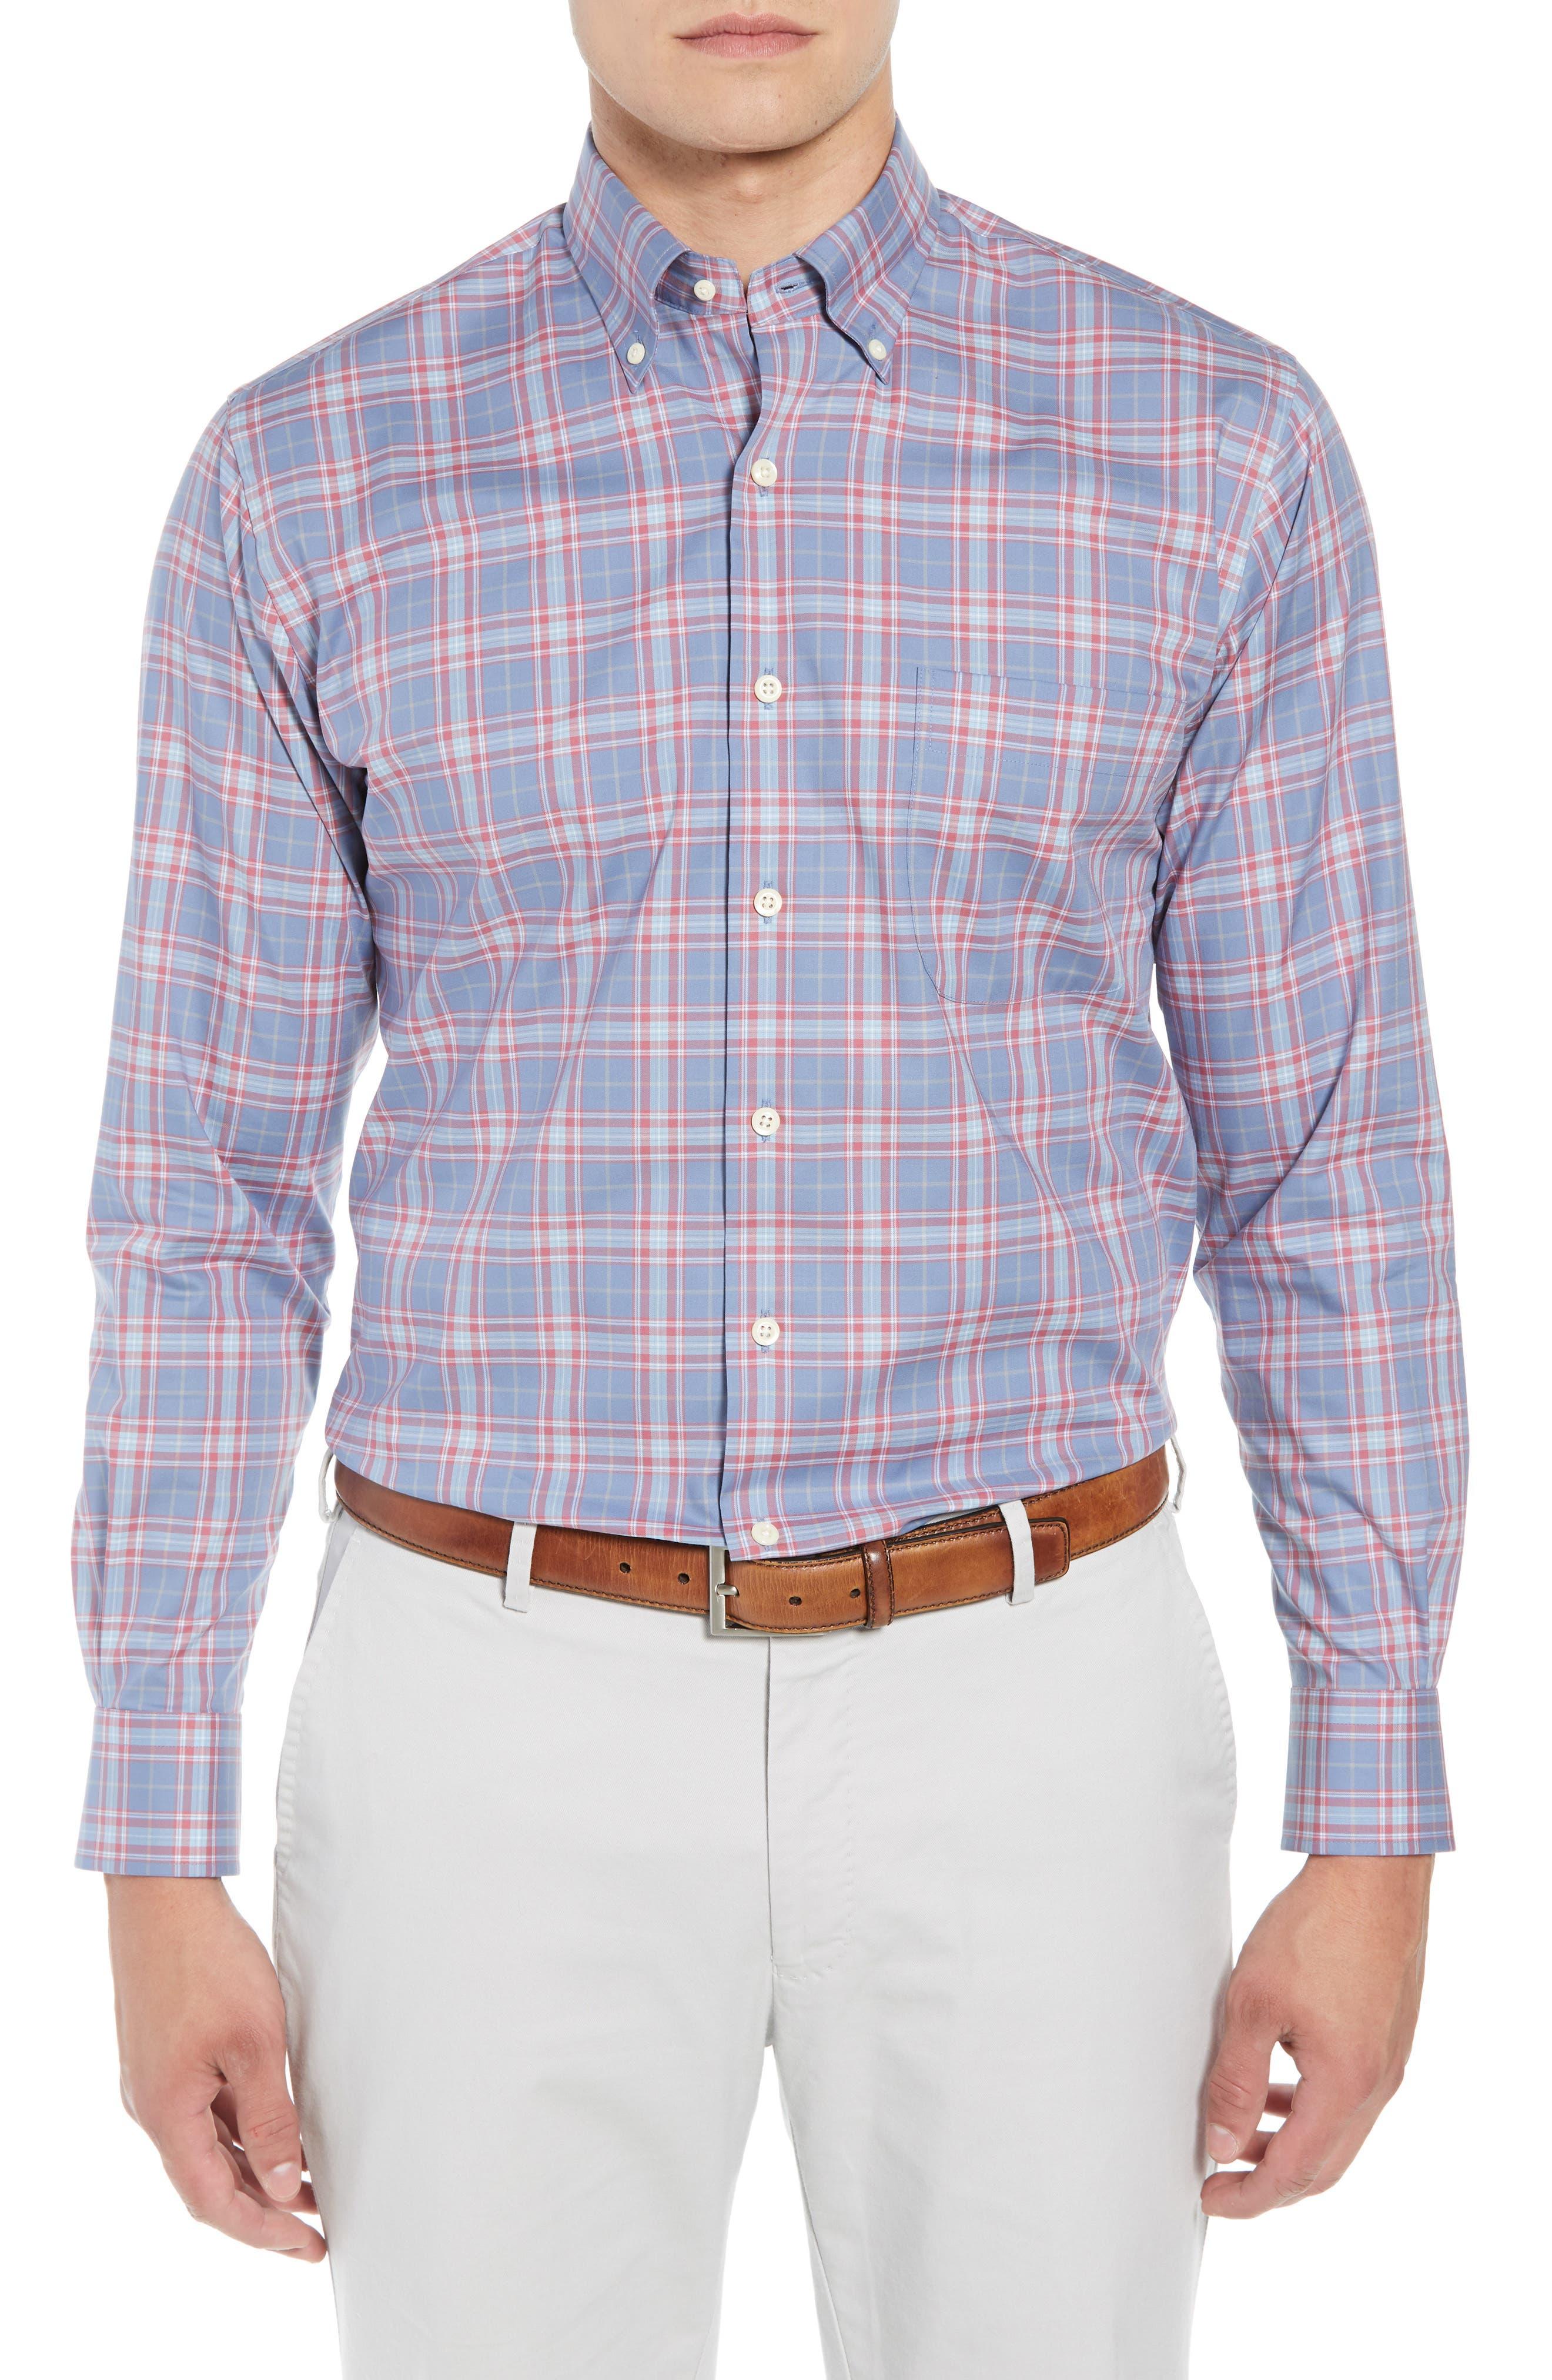 Crown Ease Archipelago Regular Fit Plaid Sport Shirt,                             Main thumbnail 1, color,                             524